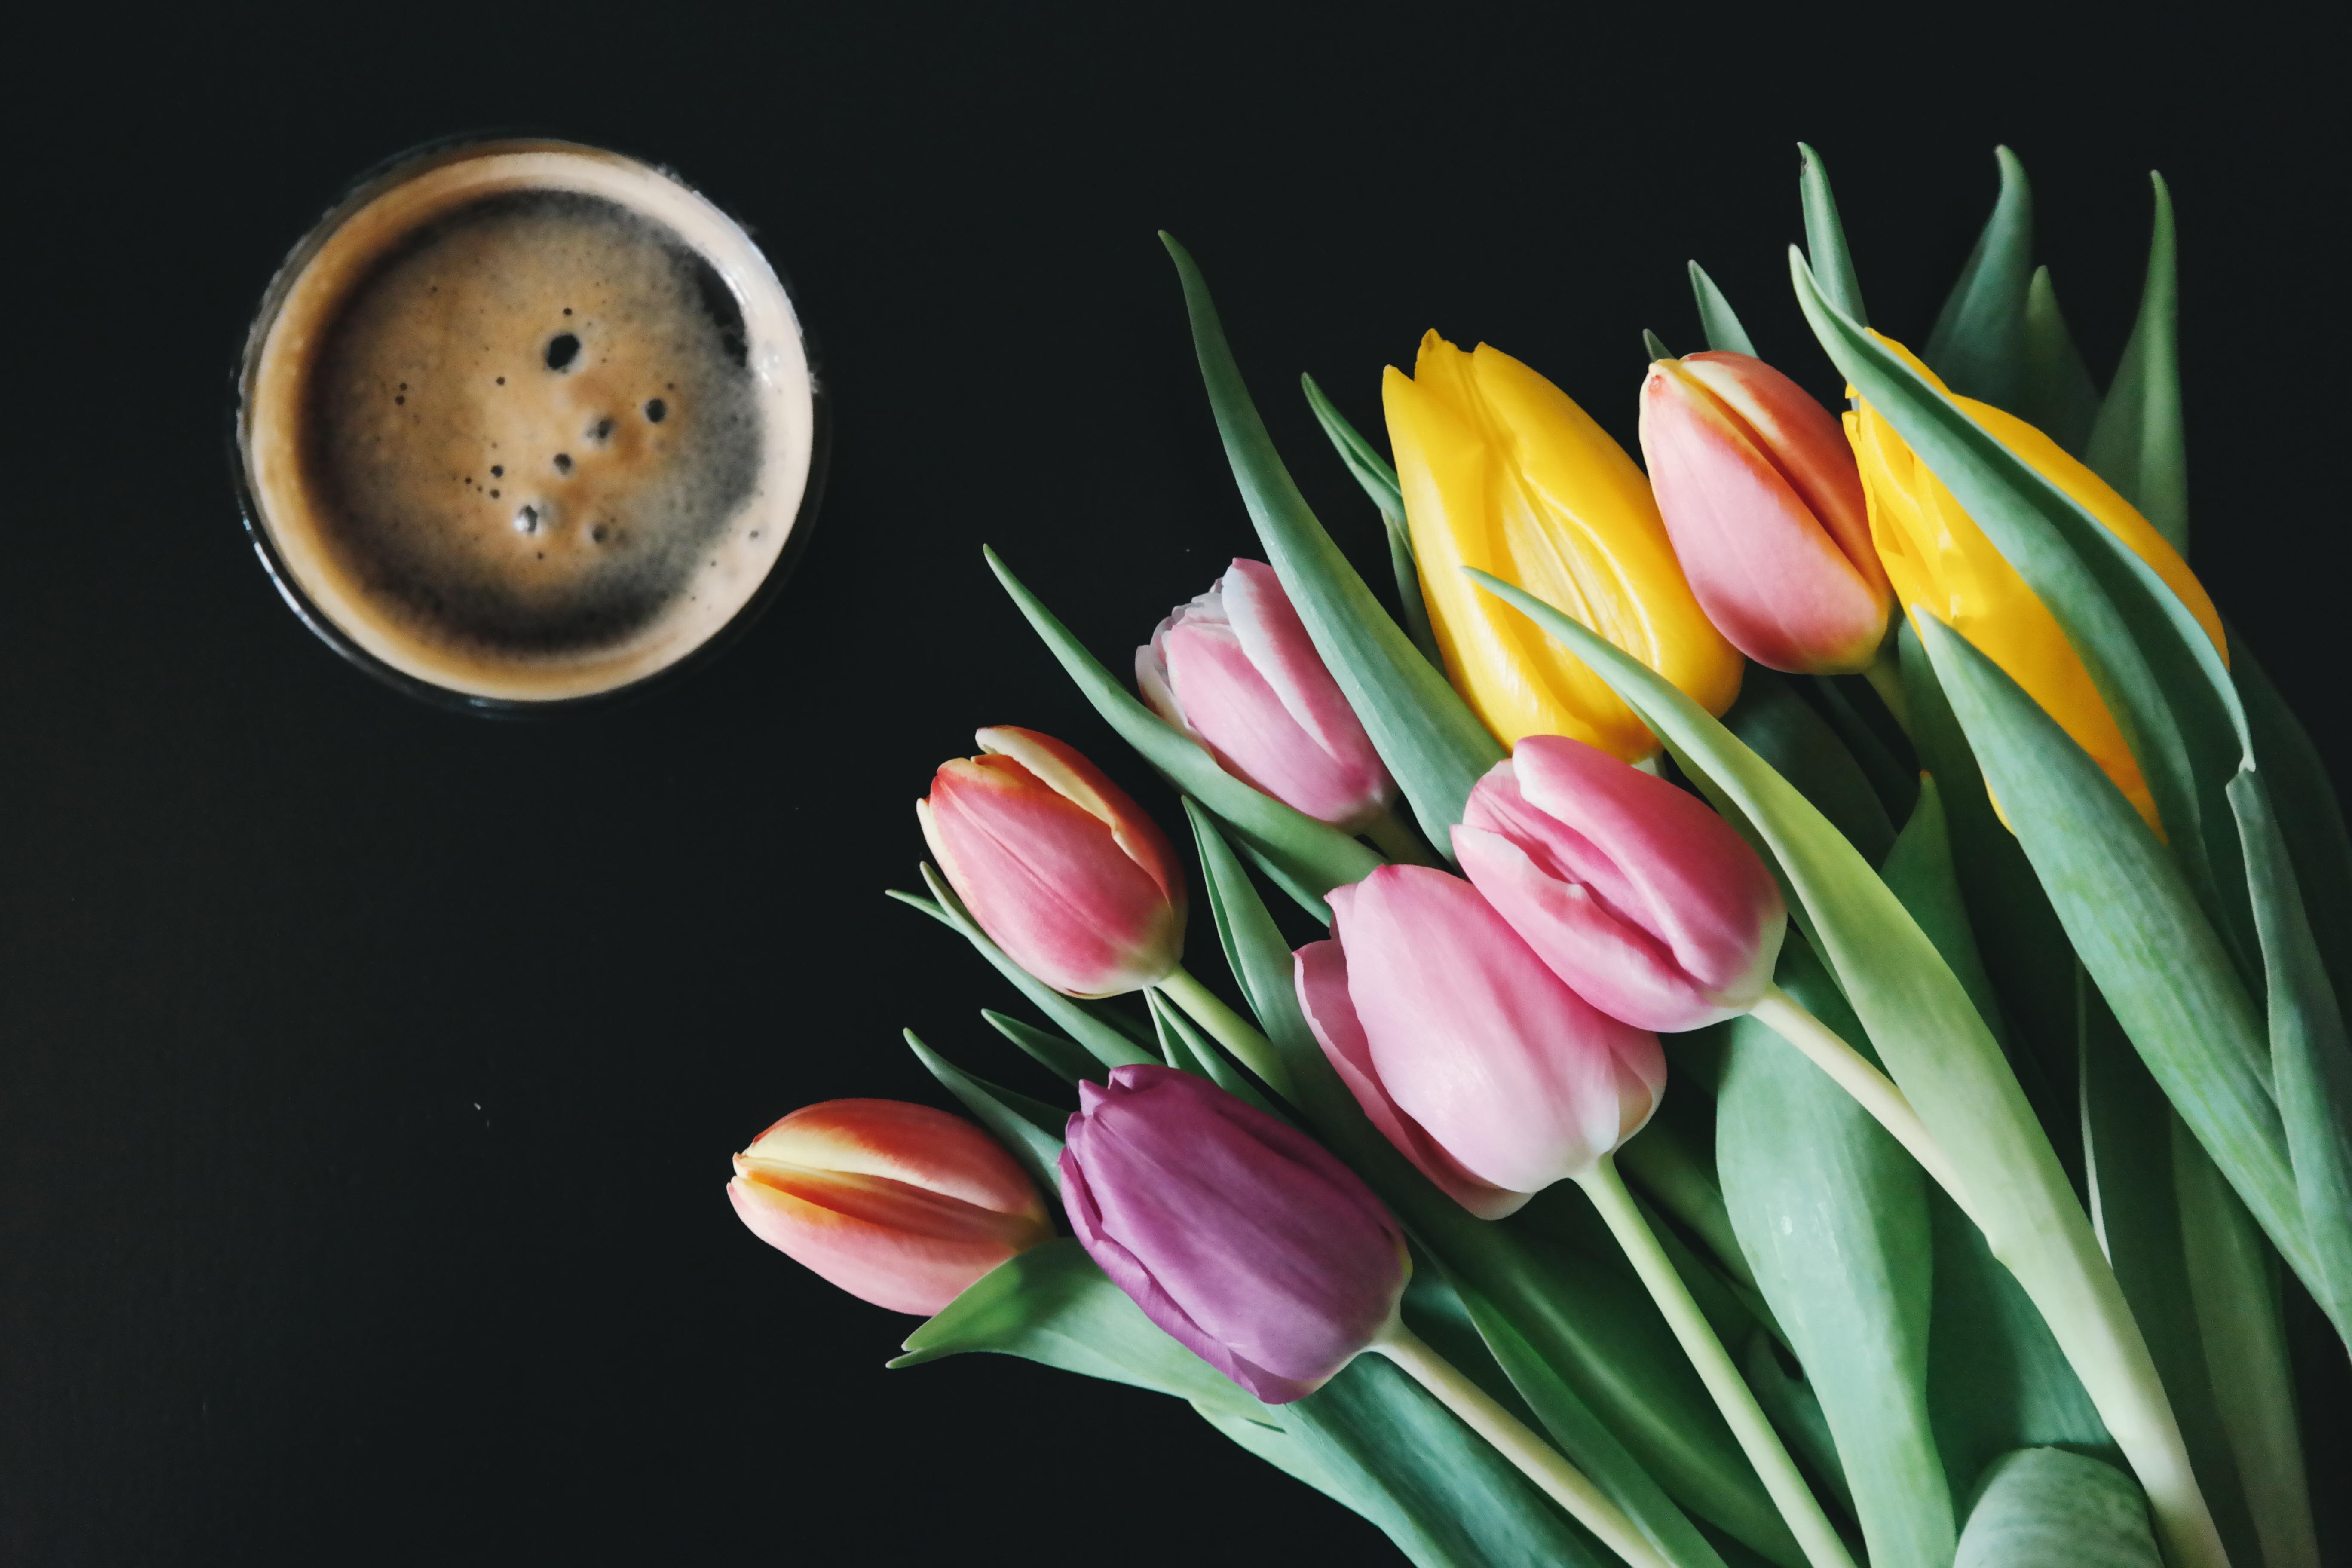 Tea, Color, Colorful, Cup, Flower, HQ Photo